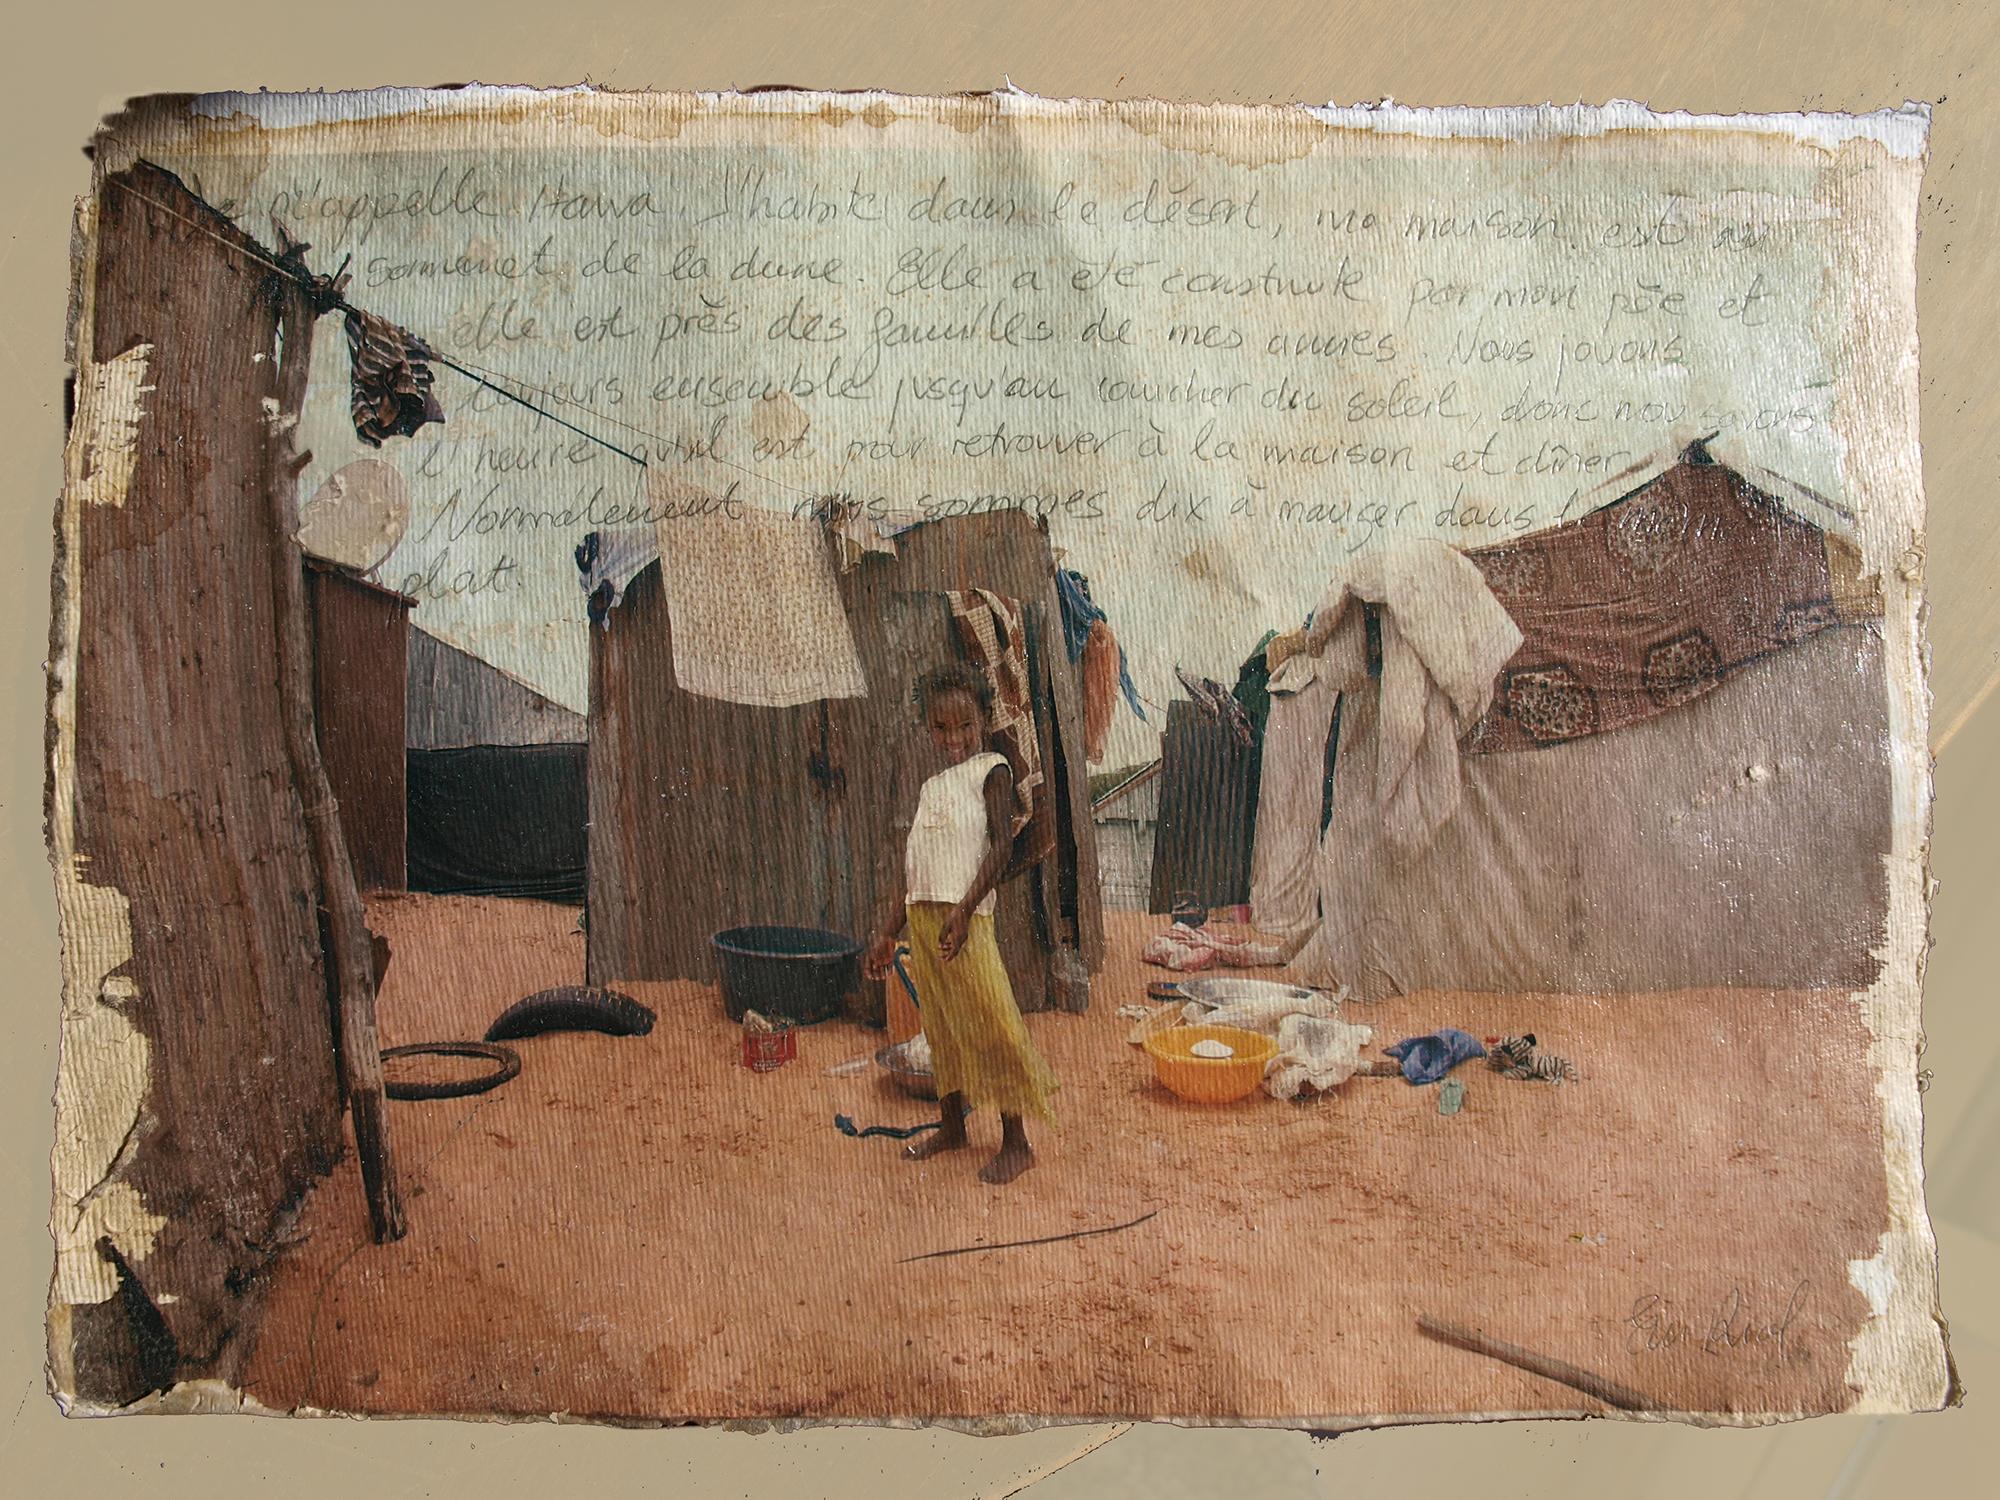 Eva Riol, el desierto mauritano de la mano de una niña